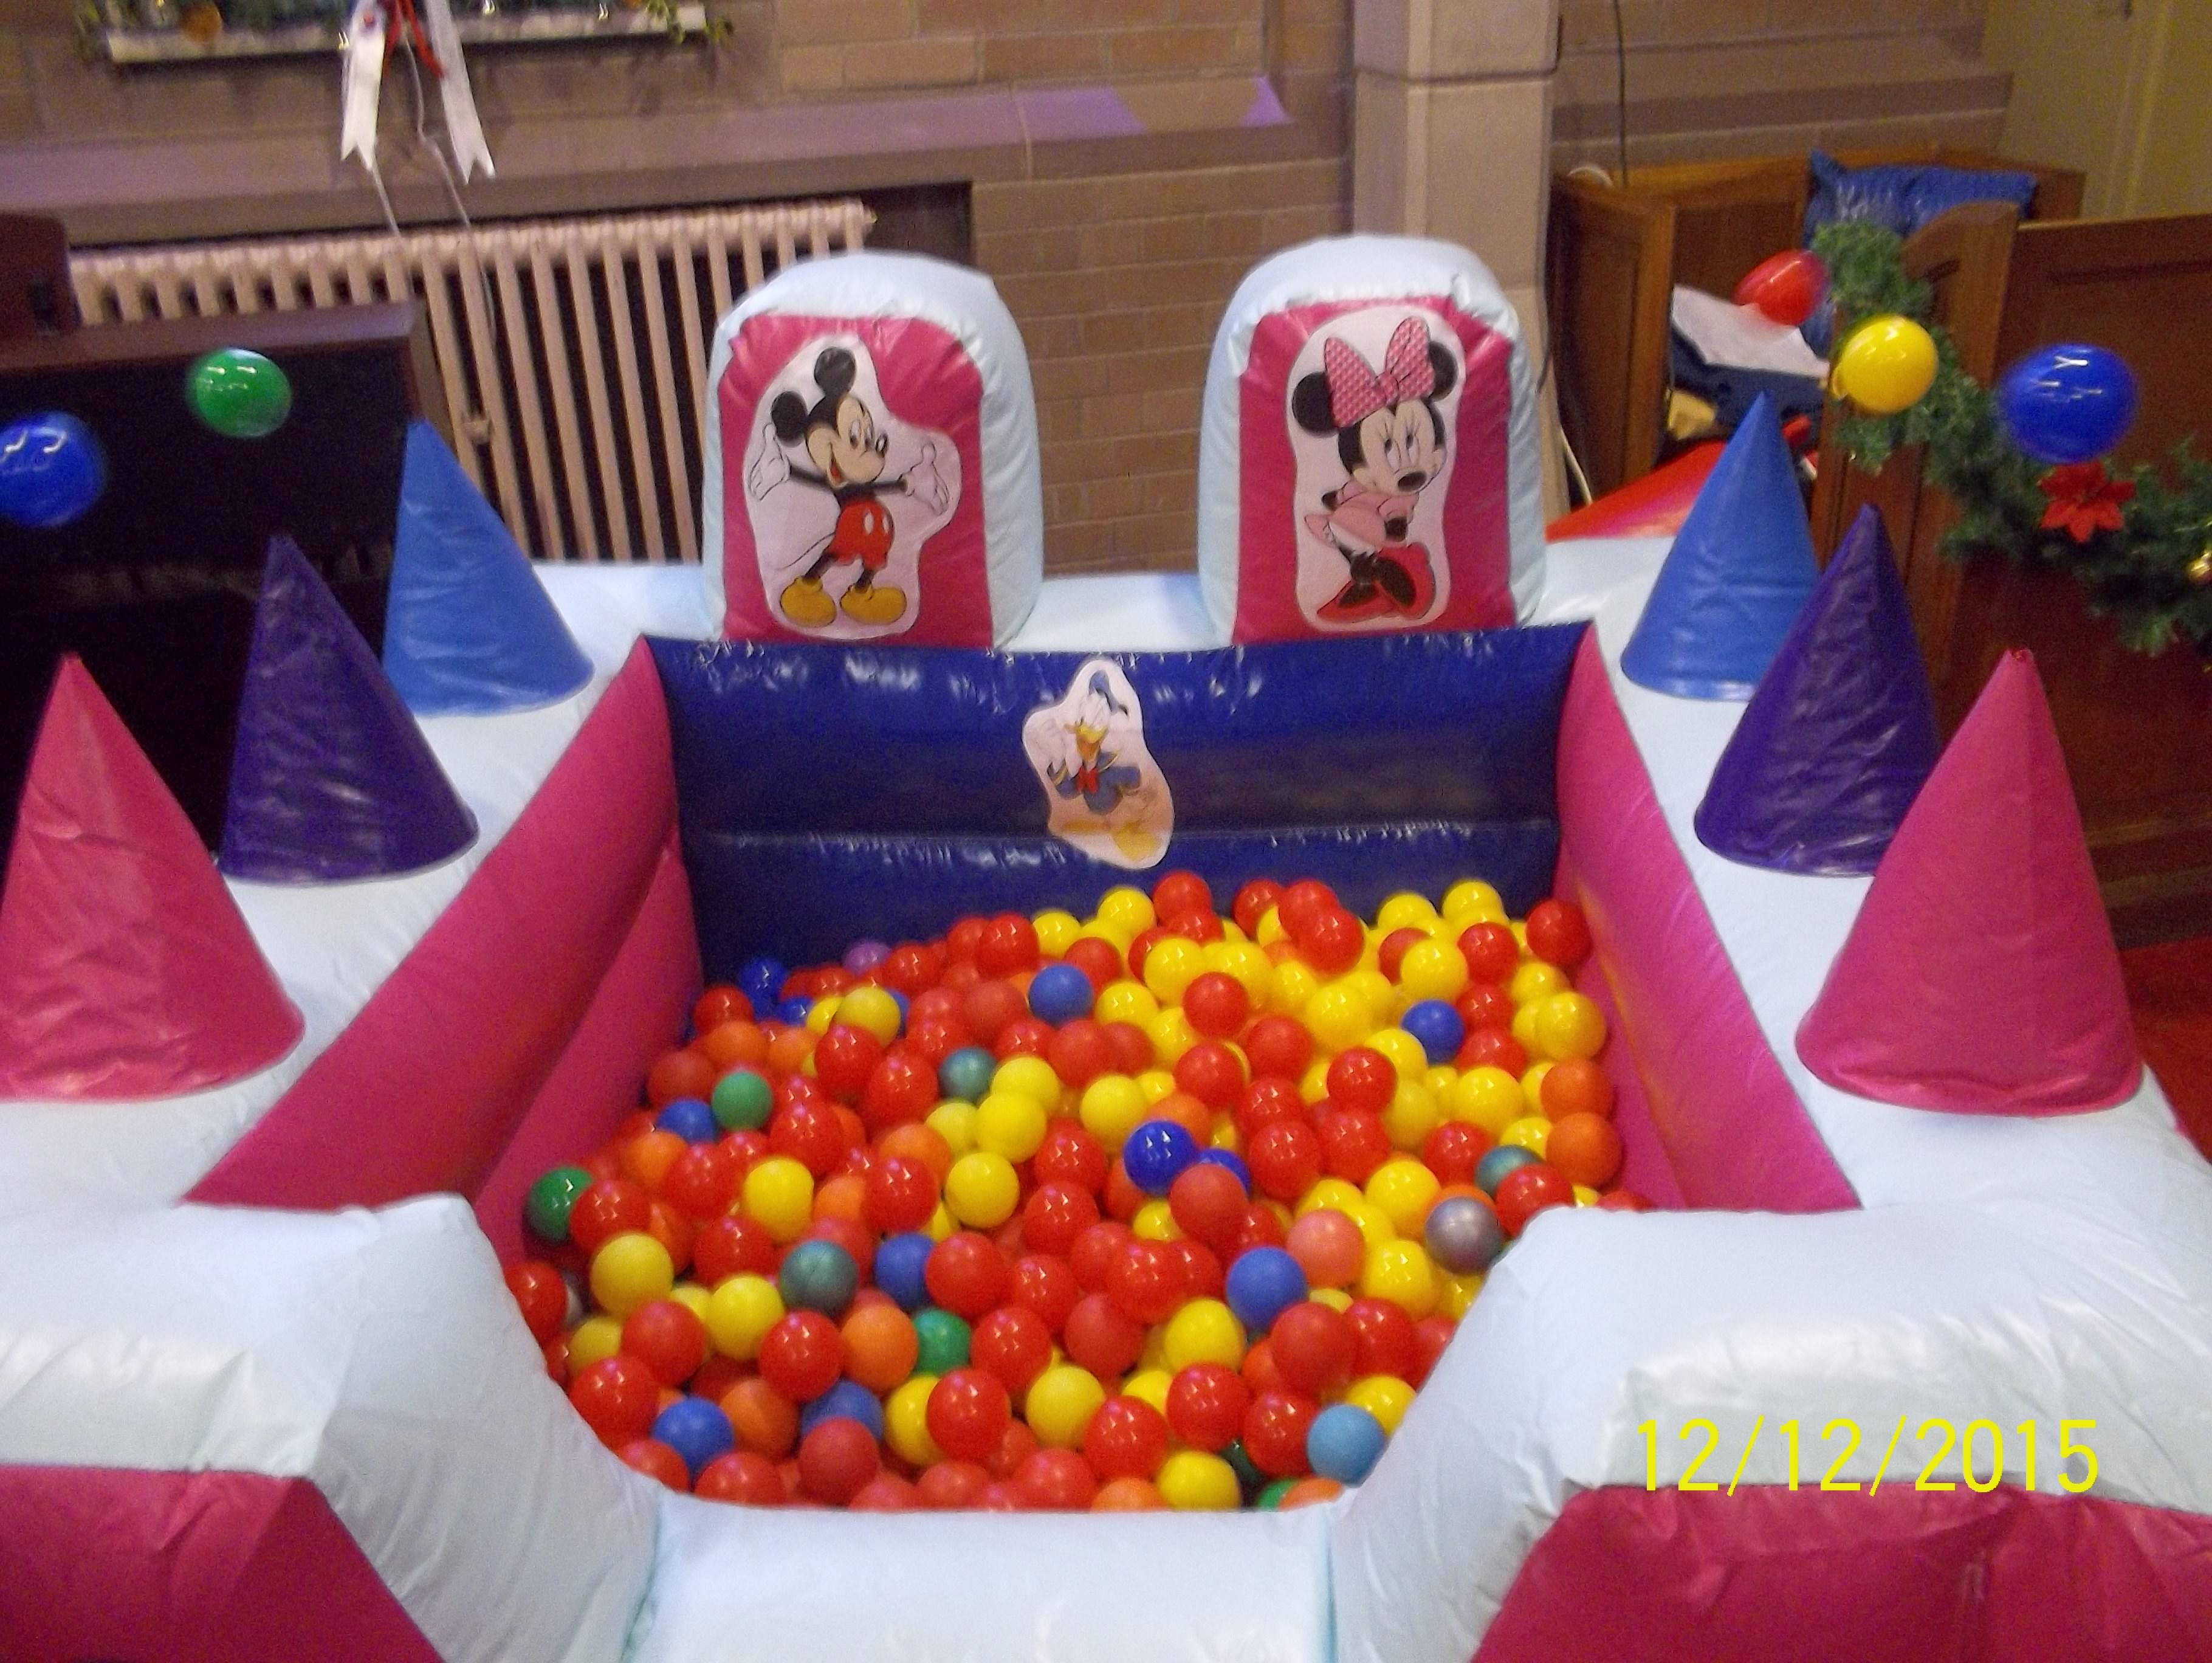 Pink Air Juggler Ball pool